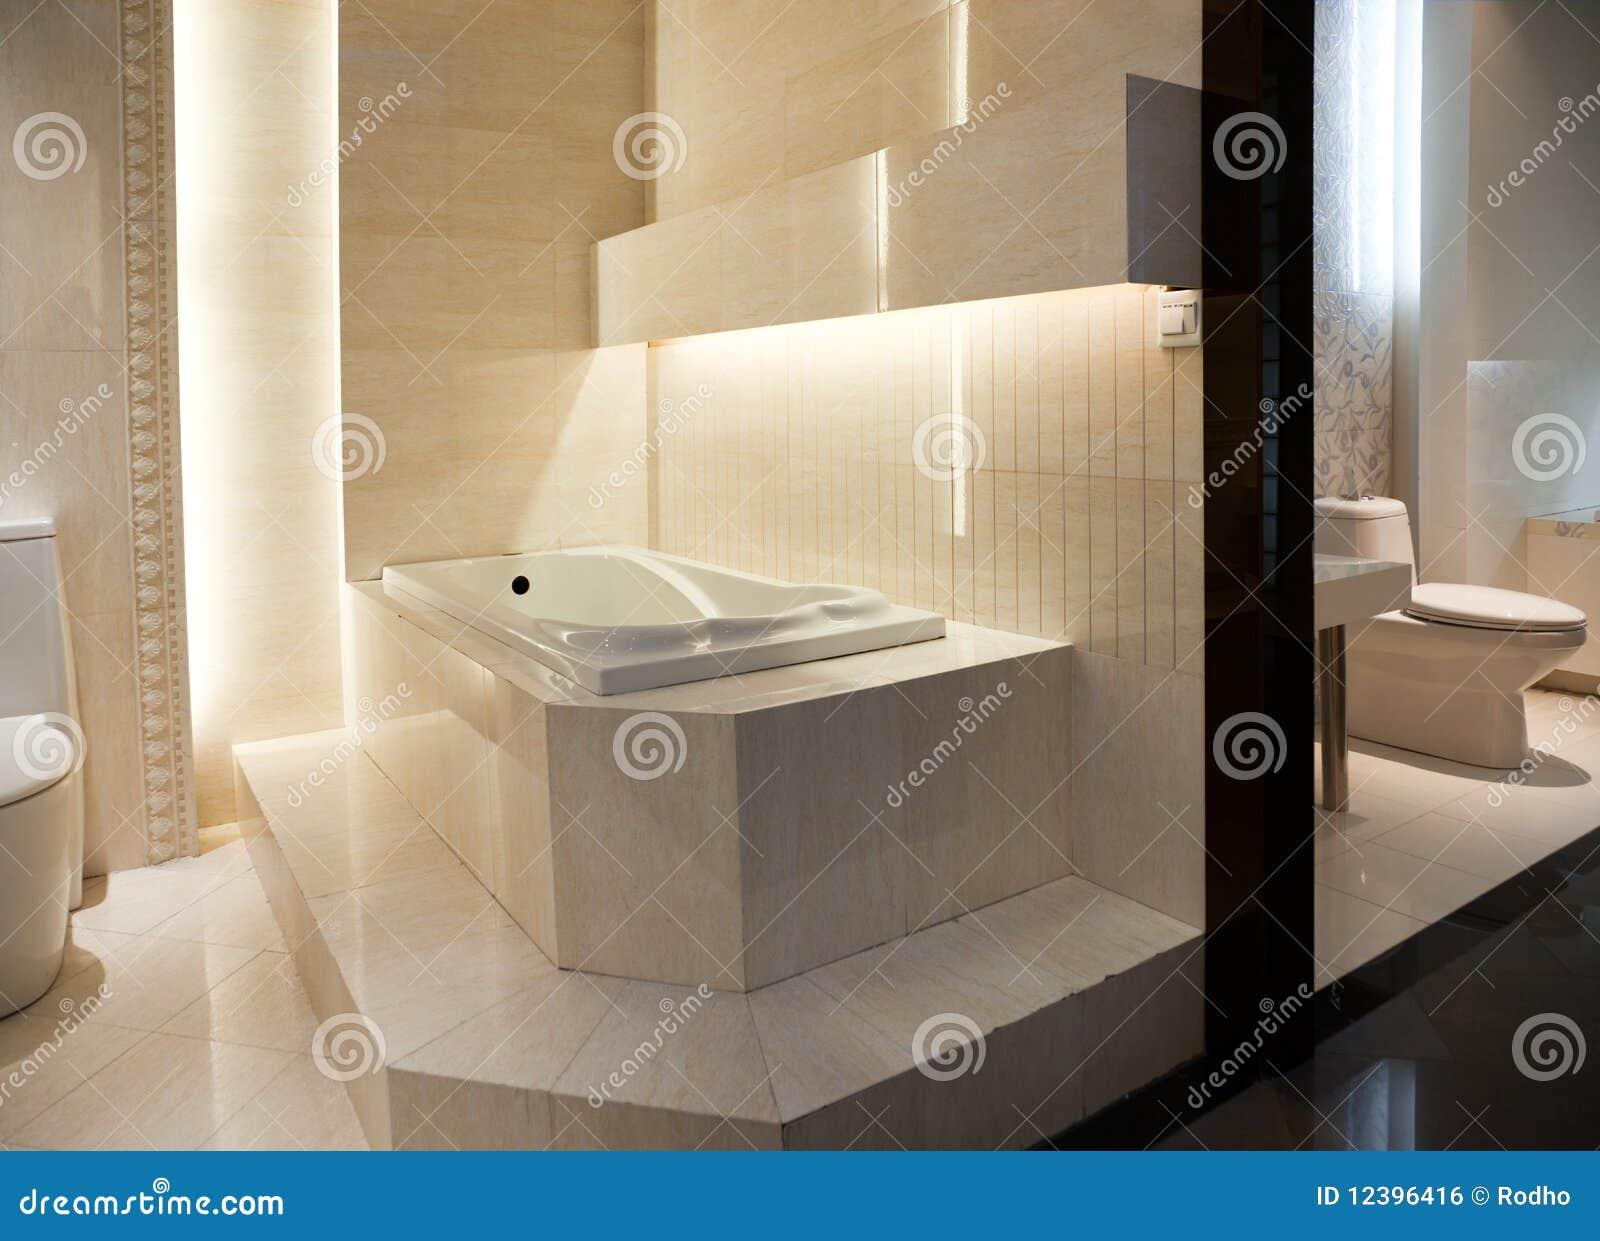 Luxury Master Bathroom Royalty Free Stock Image Image